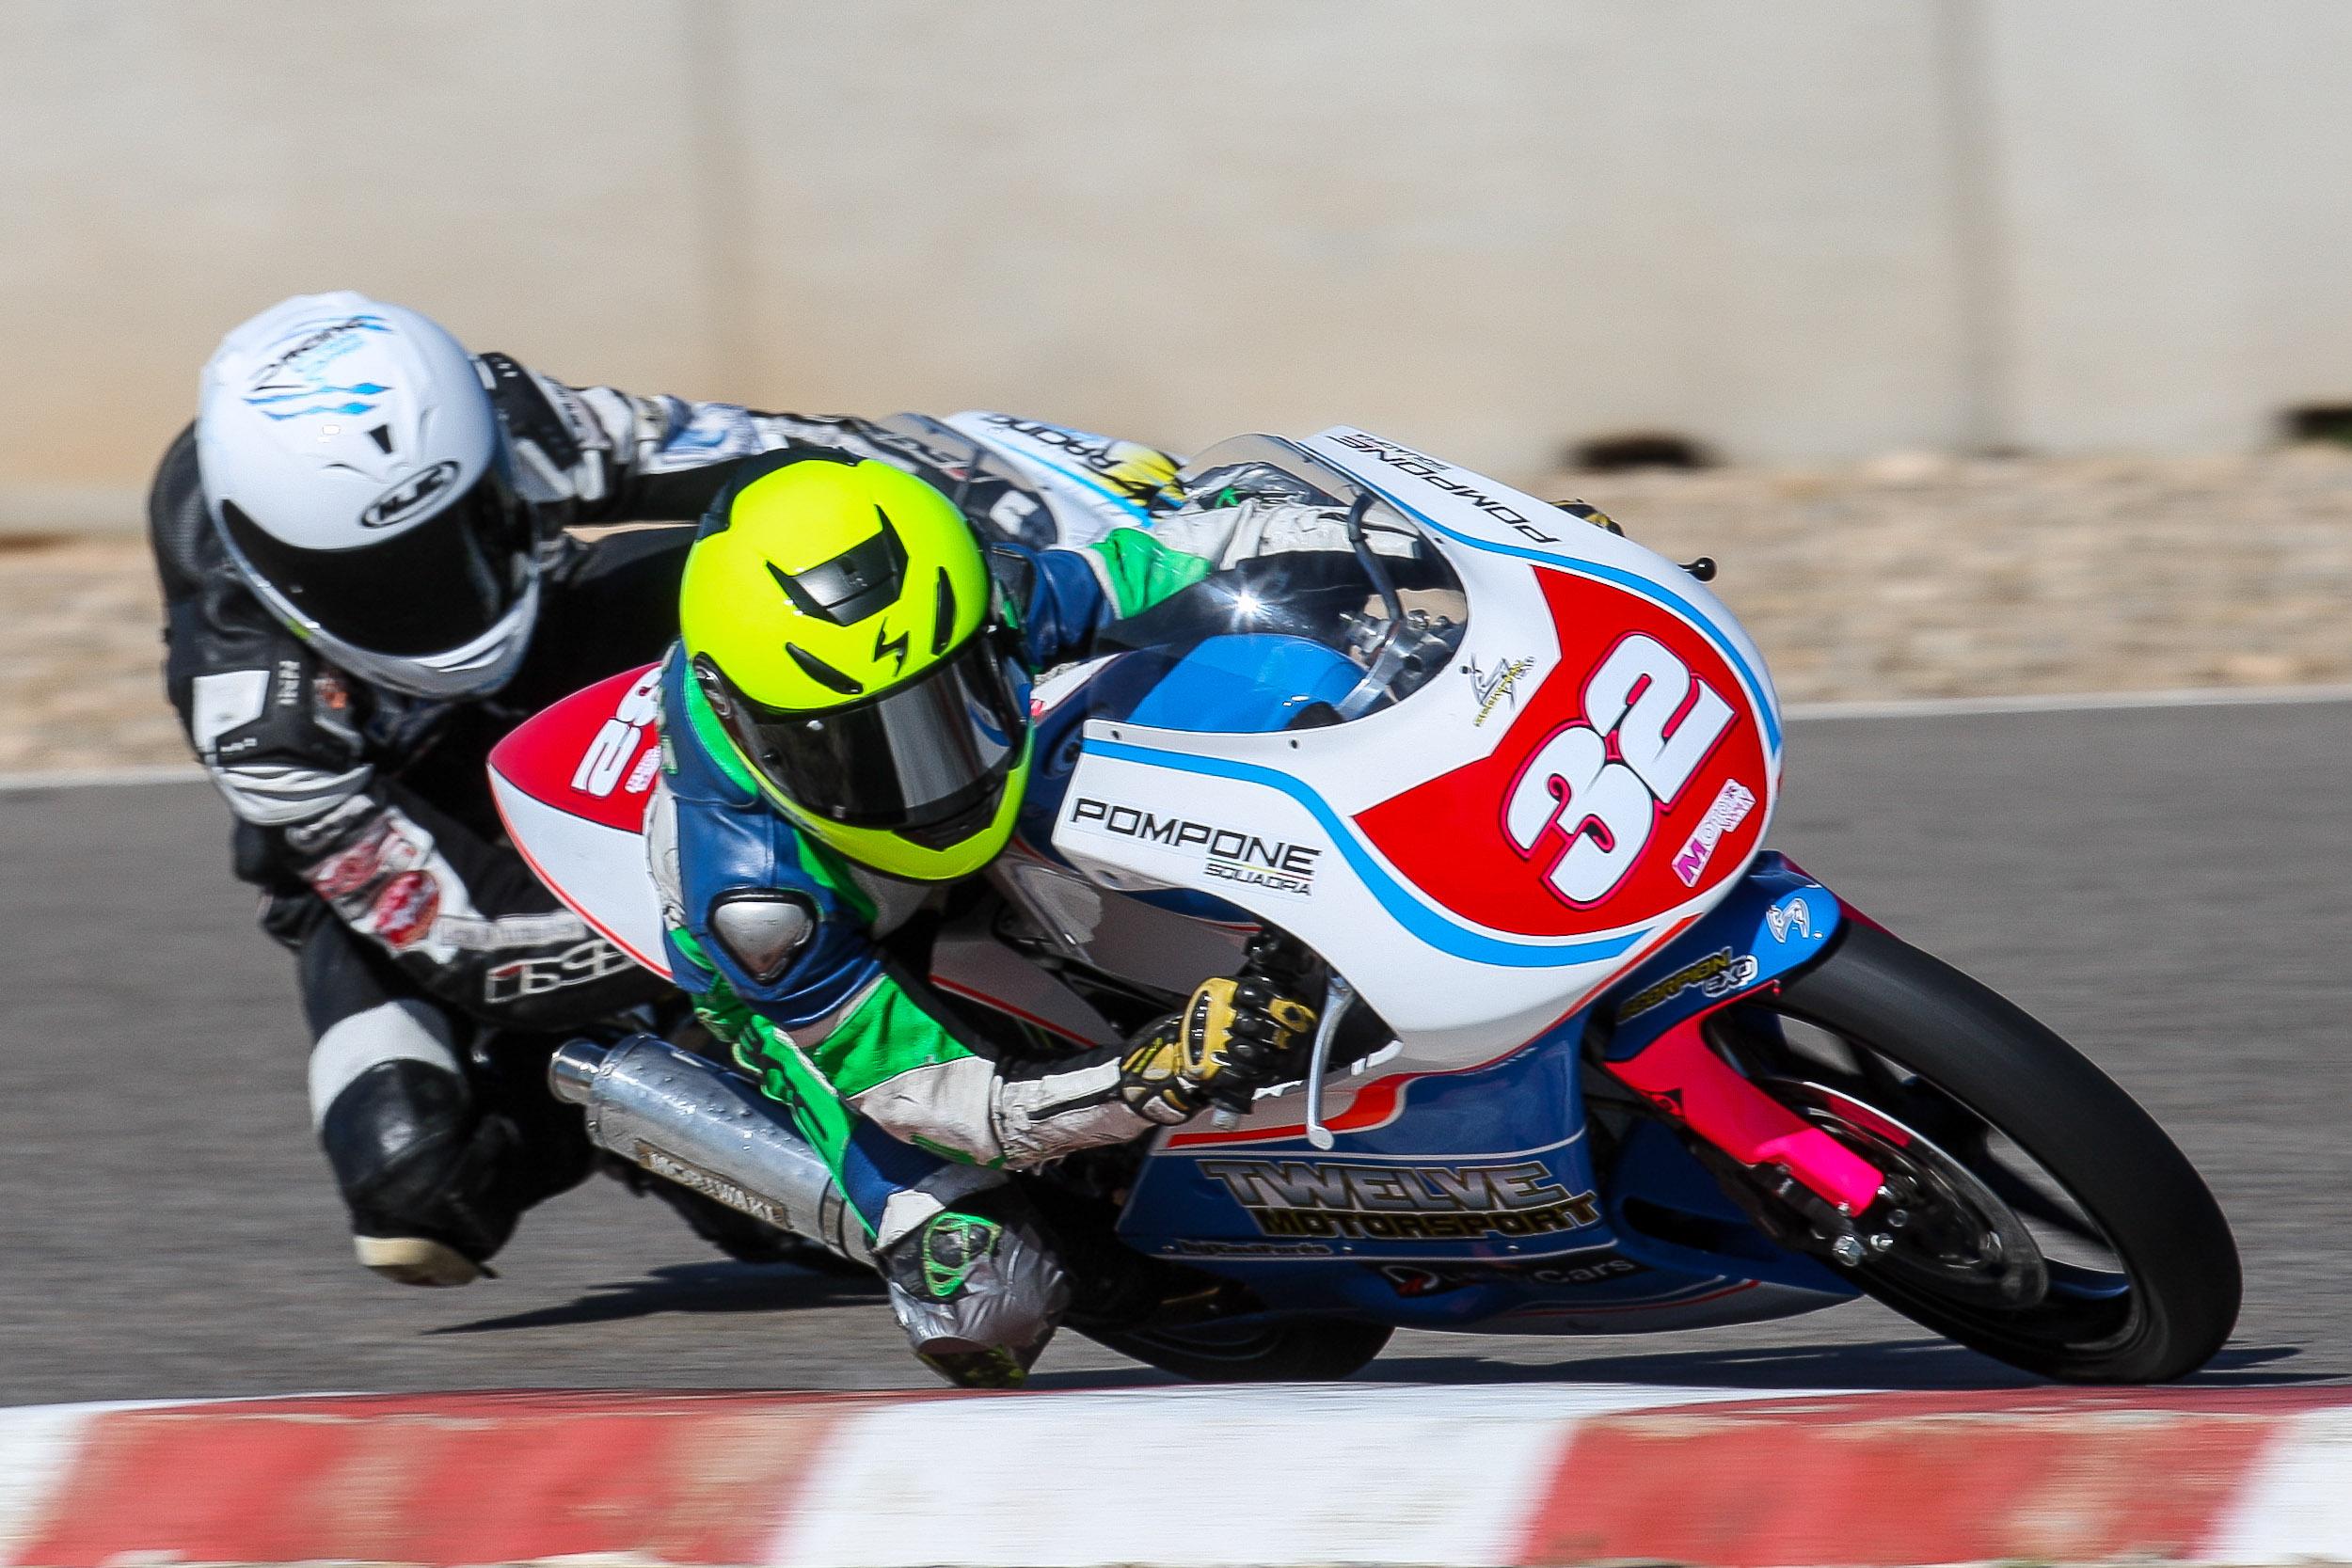 Circuito De Alcarras : El equipo twelve motorsport se estrena en alcarrás revista del motor